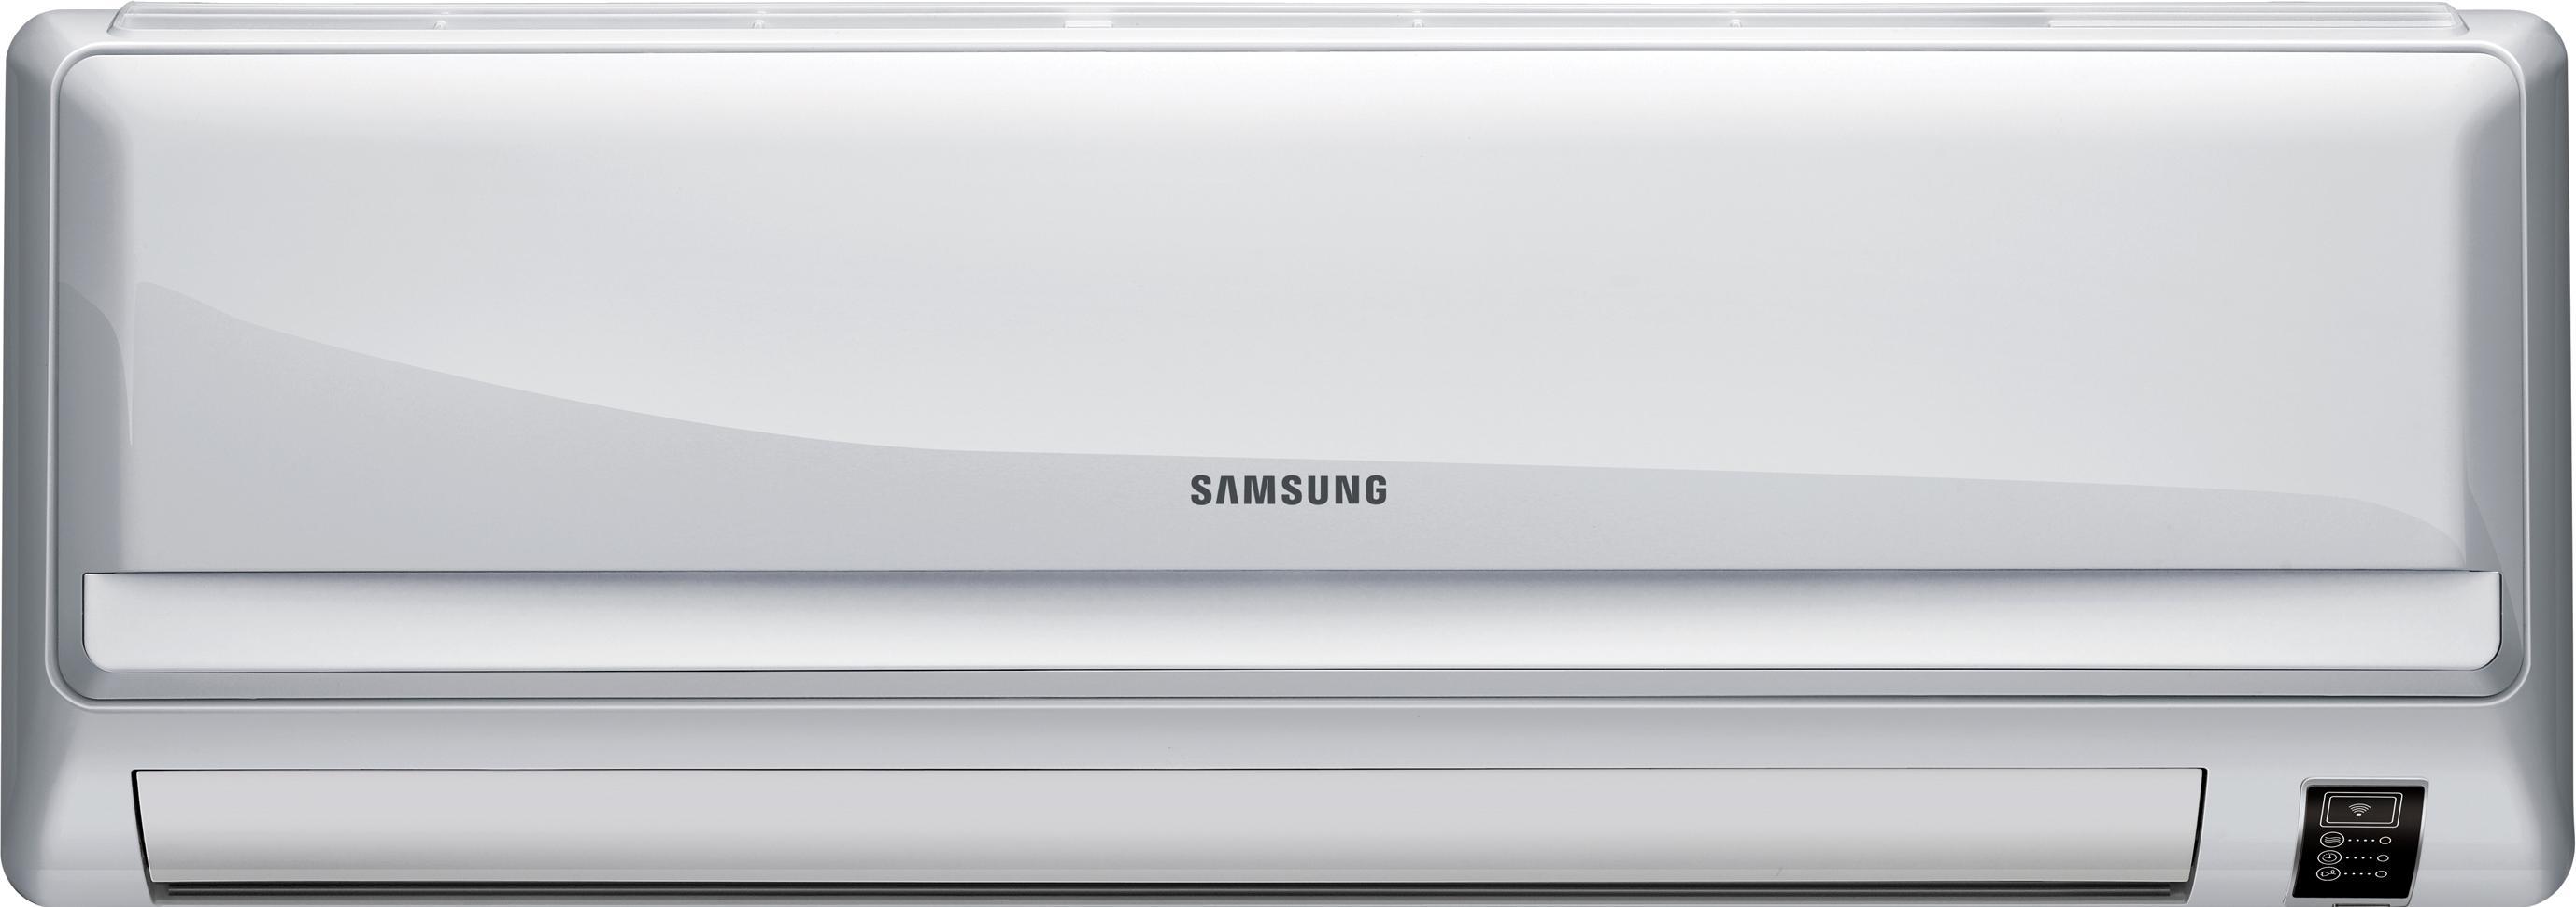 Samsung AQ12UWQ